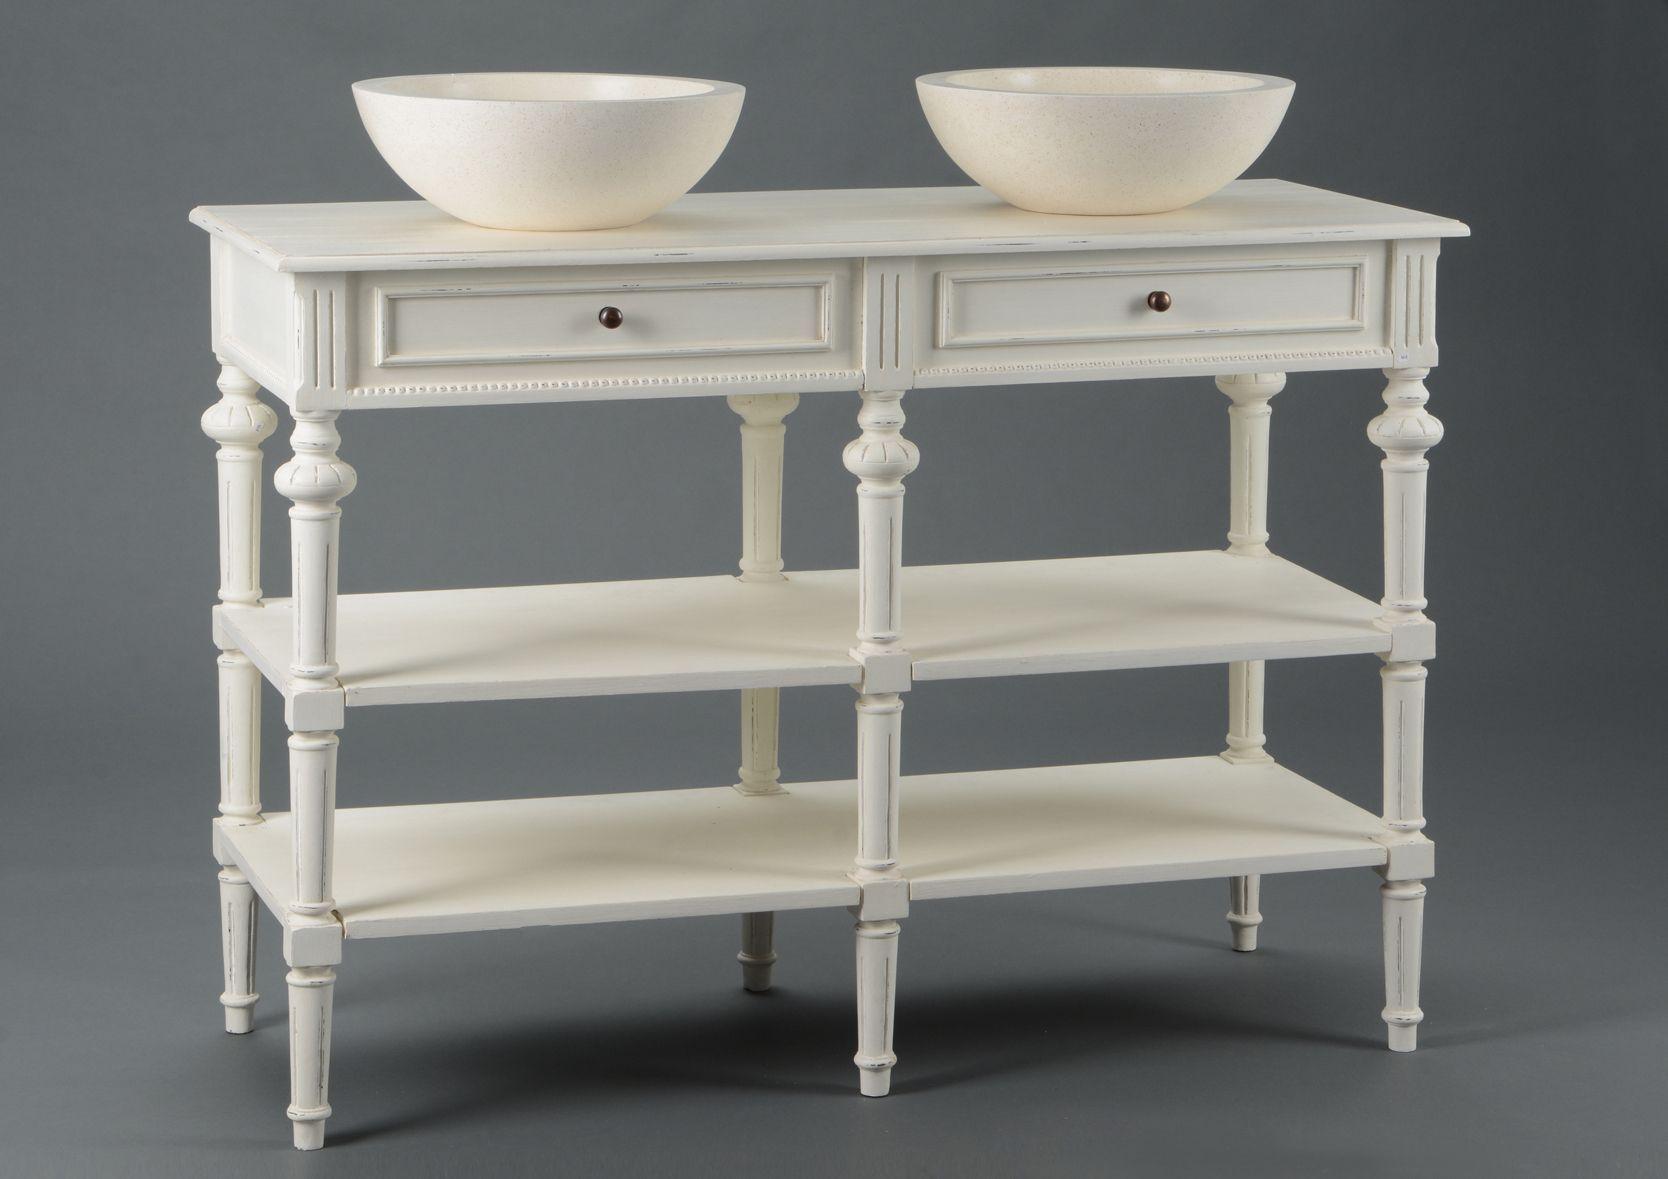 Meuble vasque 2 perle - Vasque sur meuble ...